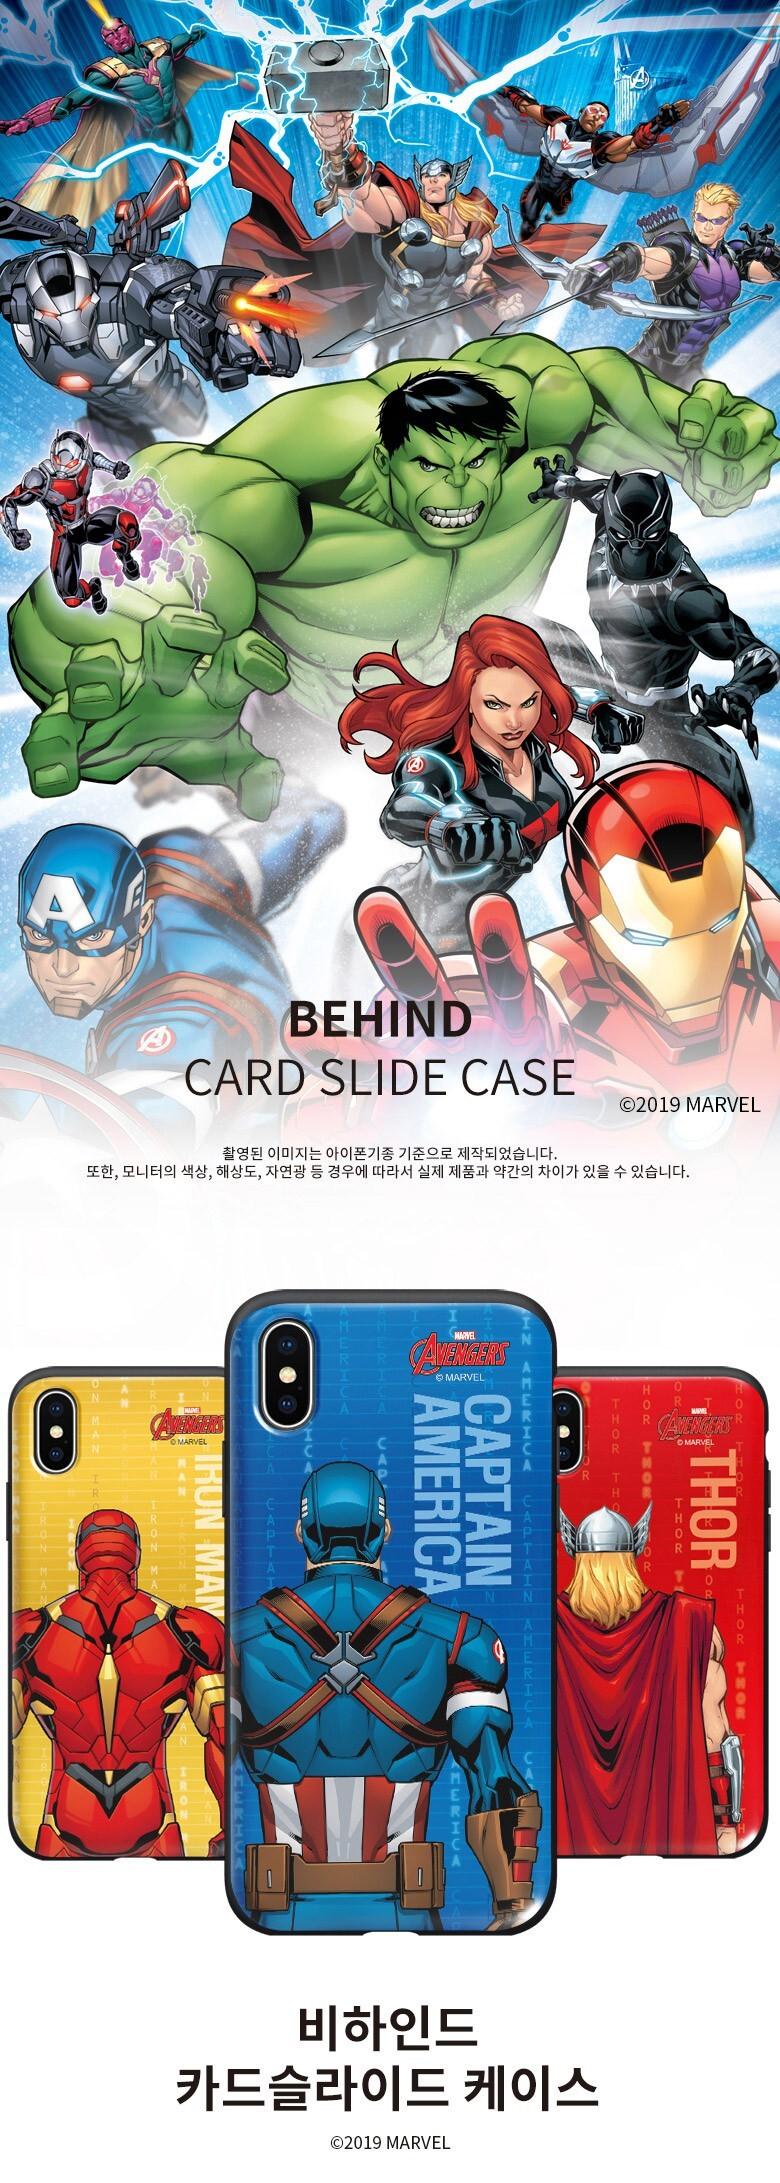 카드슬라이드,카드슬라이드케이스,카드케이스,아이폰 슬라이드 케이스,카드케이스,핸드폰카드케이스,스마트폰카드케이스,신용카드케이스,프레임케이스,아이폰11 카드케이스,아이폰 카드케이스,갤럭시 카드케이스,아이폰 11 pro 카드케이스,노트10 카드케이스